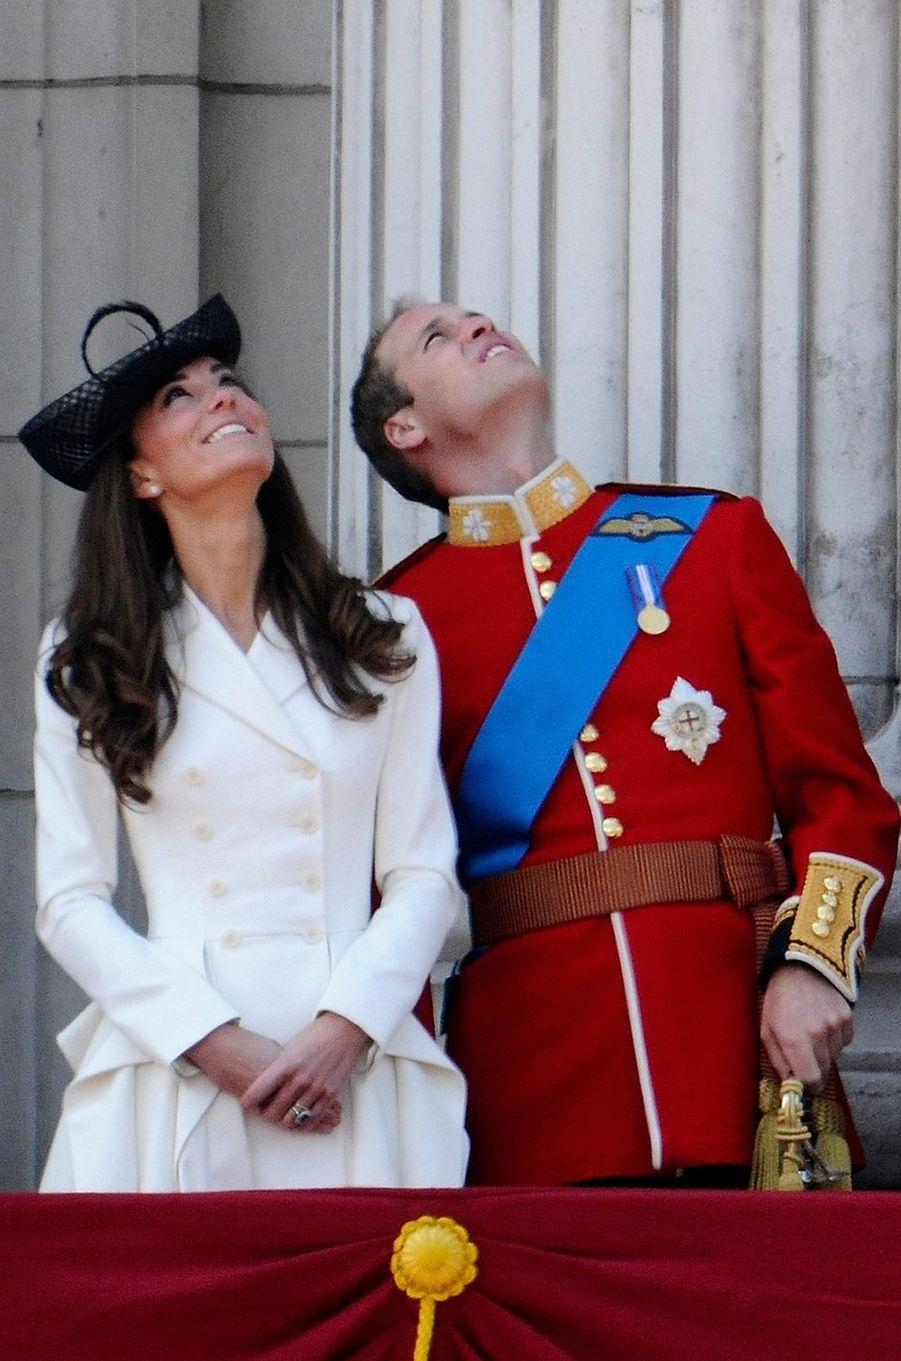 La duchesse Catherine de Cambridge à la cérémonie Trooping the Color à Londres, le 11 juin 2011